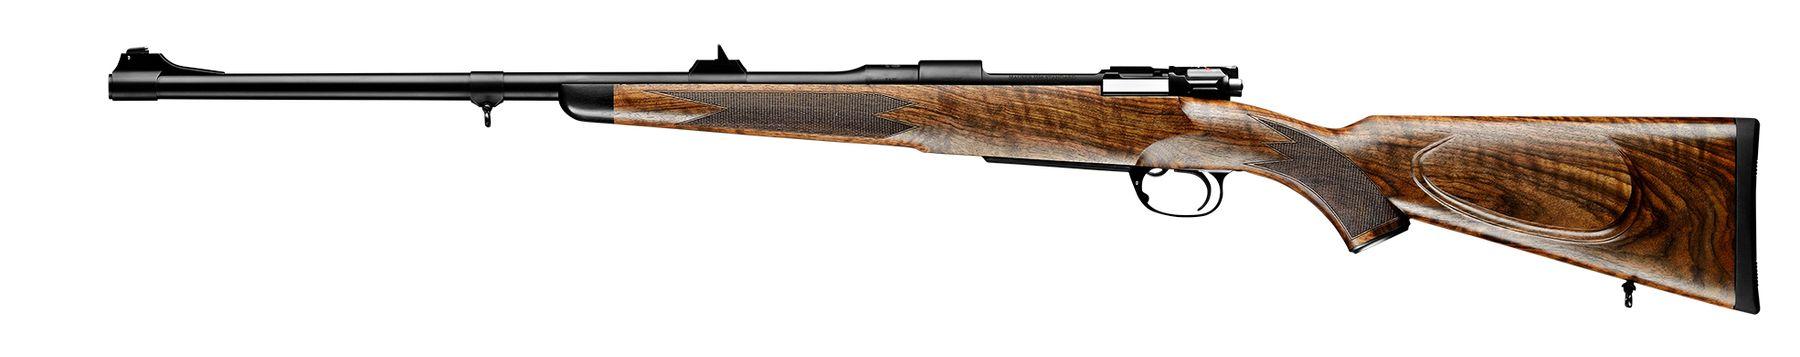 Mauser M98 Standard Expert rifle